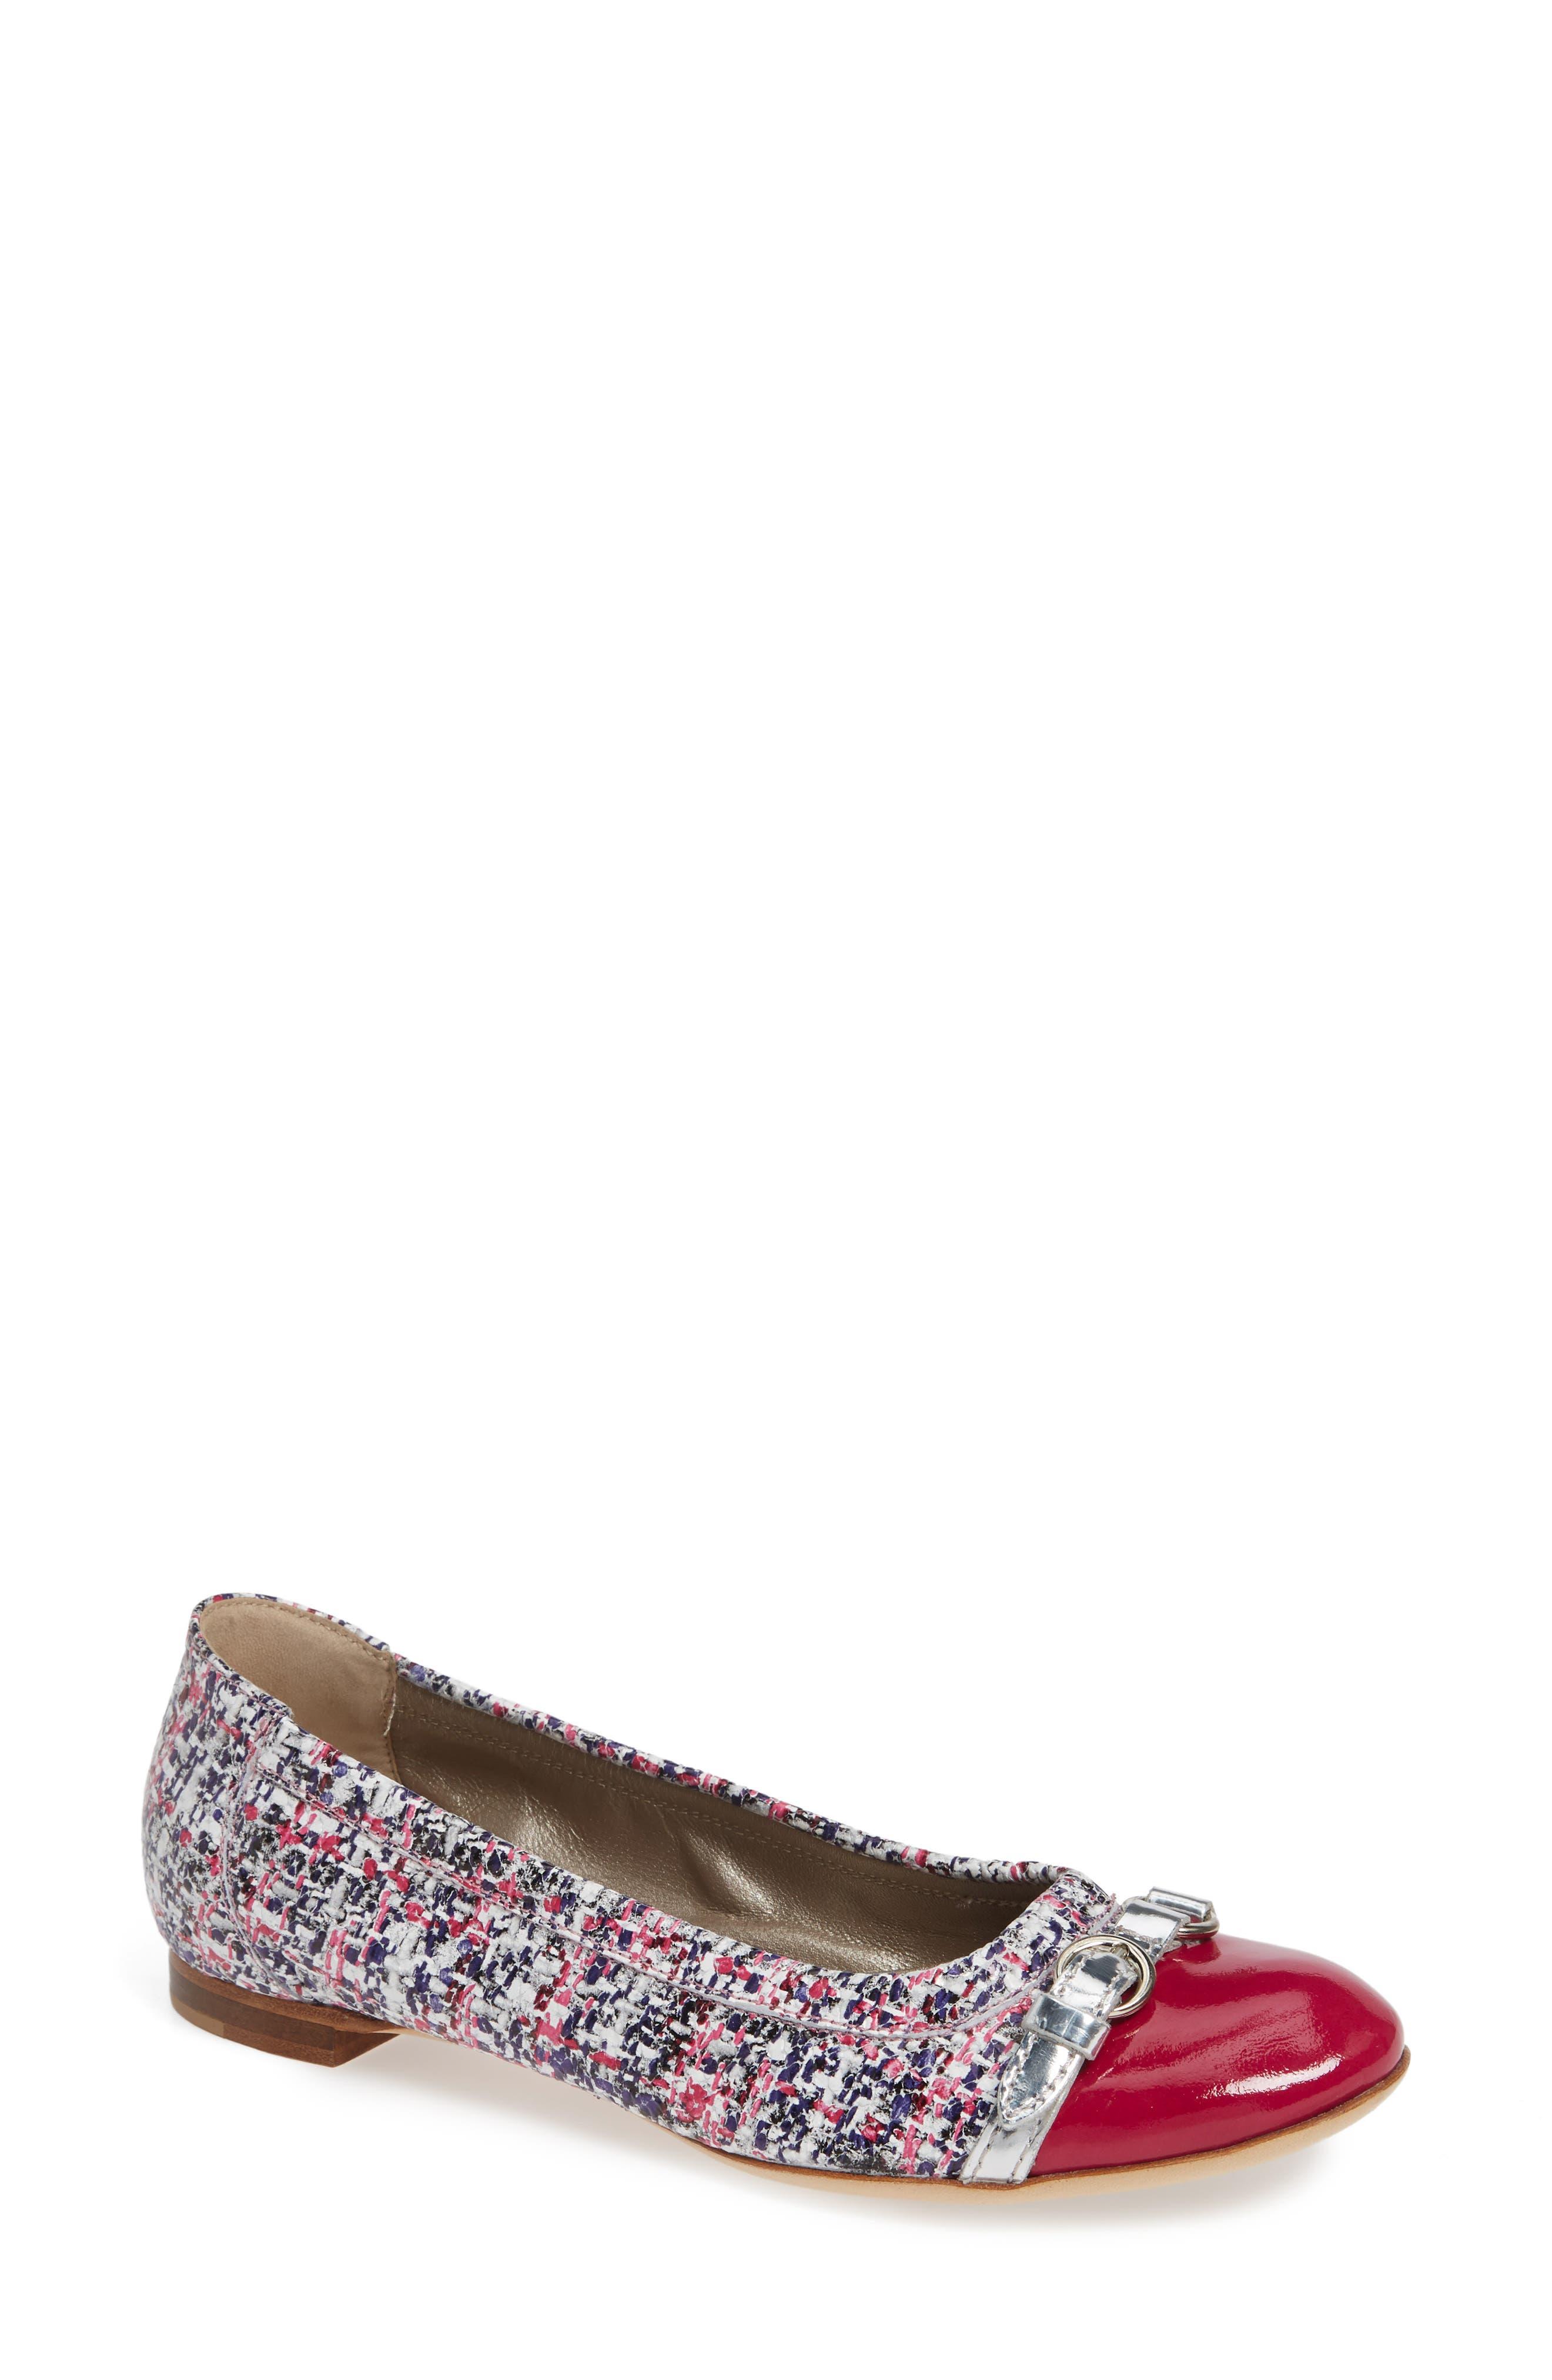 Agl Cap Toe Ballet Flat - Pink